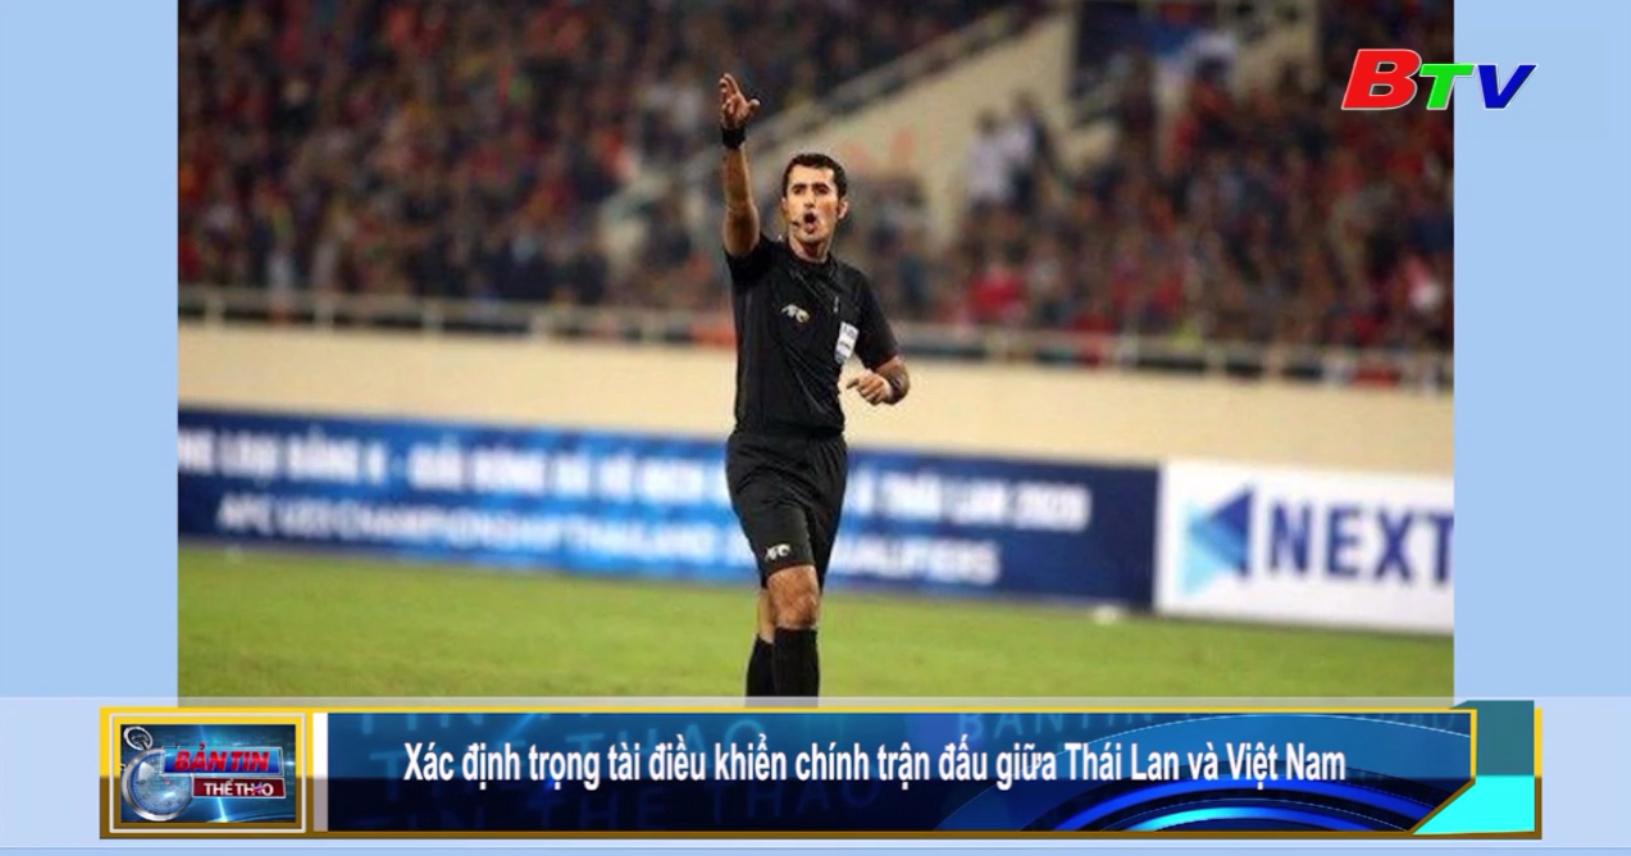 Xác định trọng tài điều khiển chính trận đấu giữa Thái Lan và Việt Nam